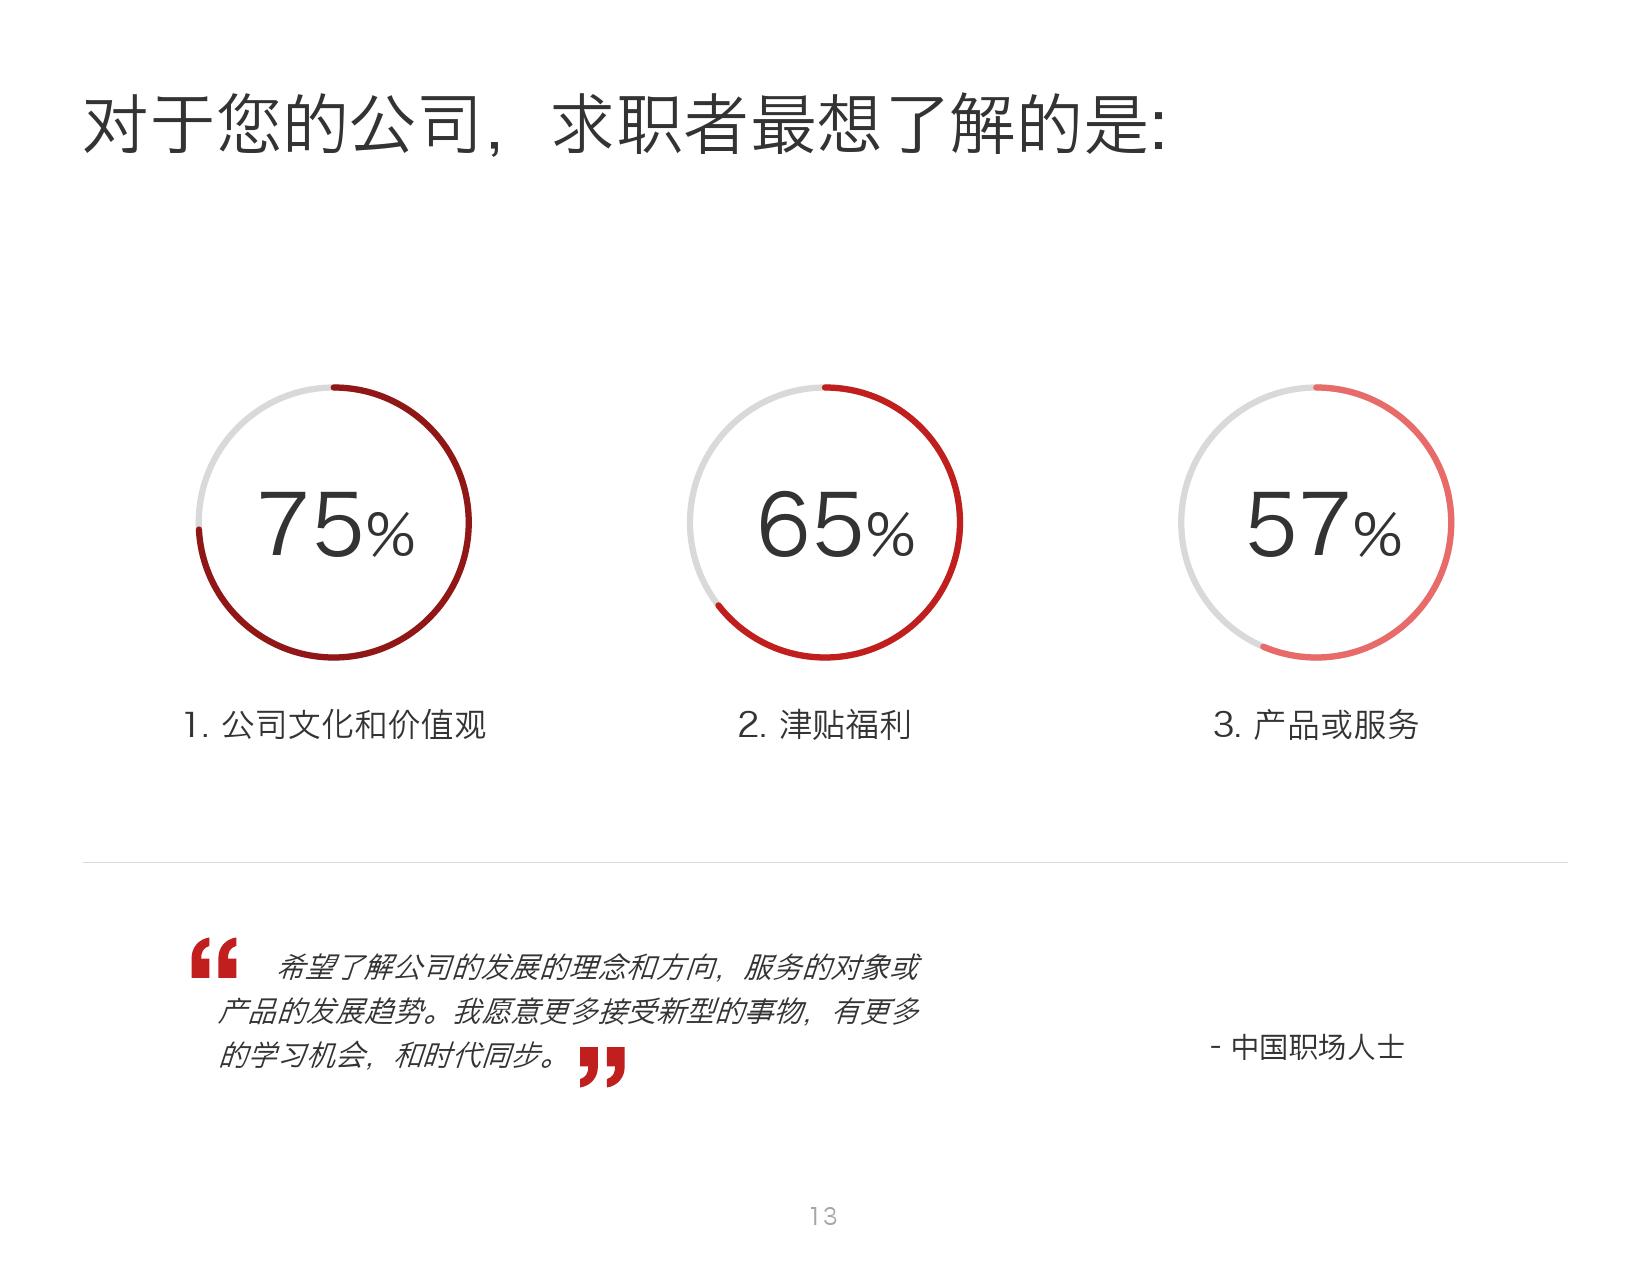 2016年中国人才趋势报告_000013